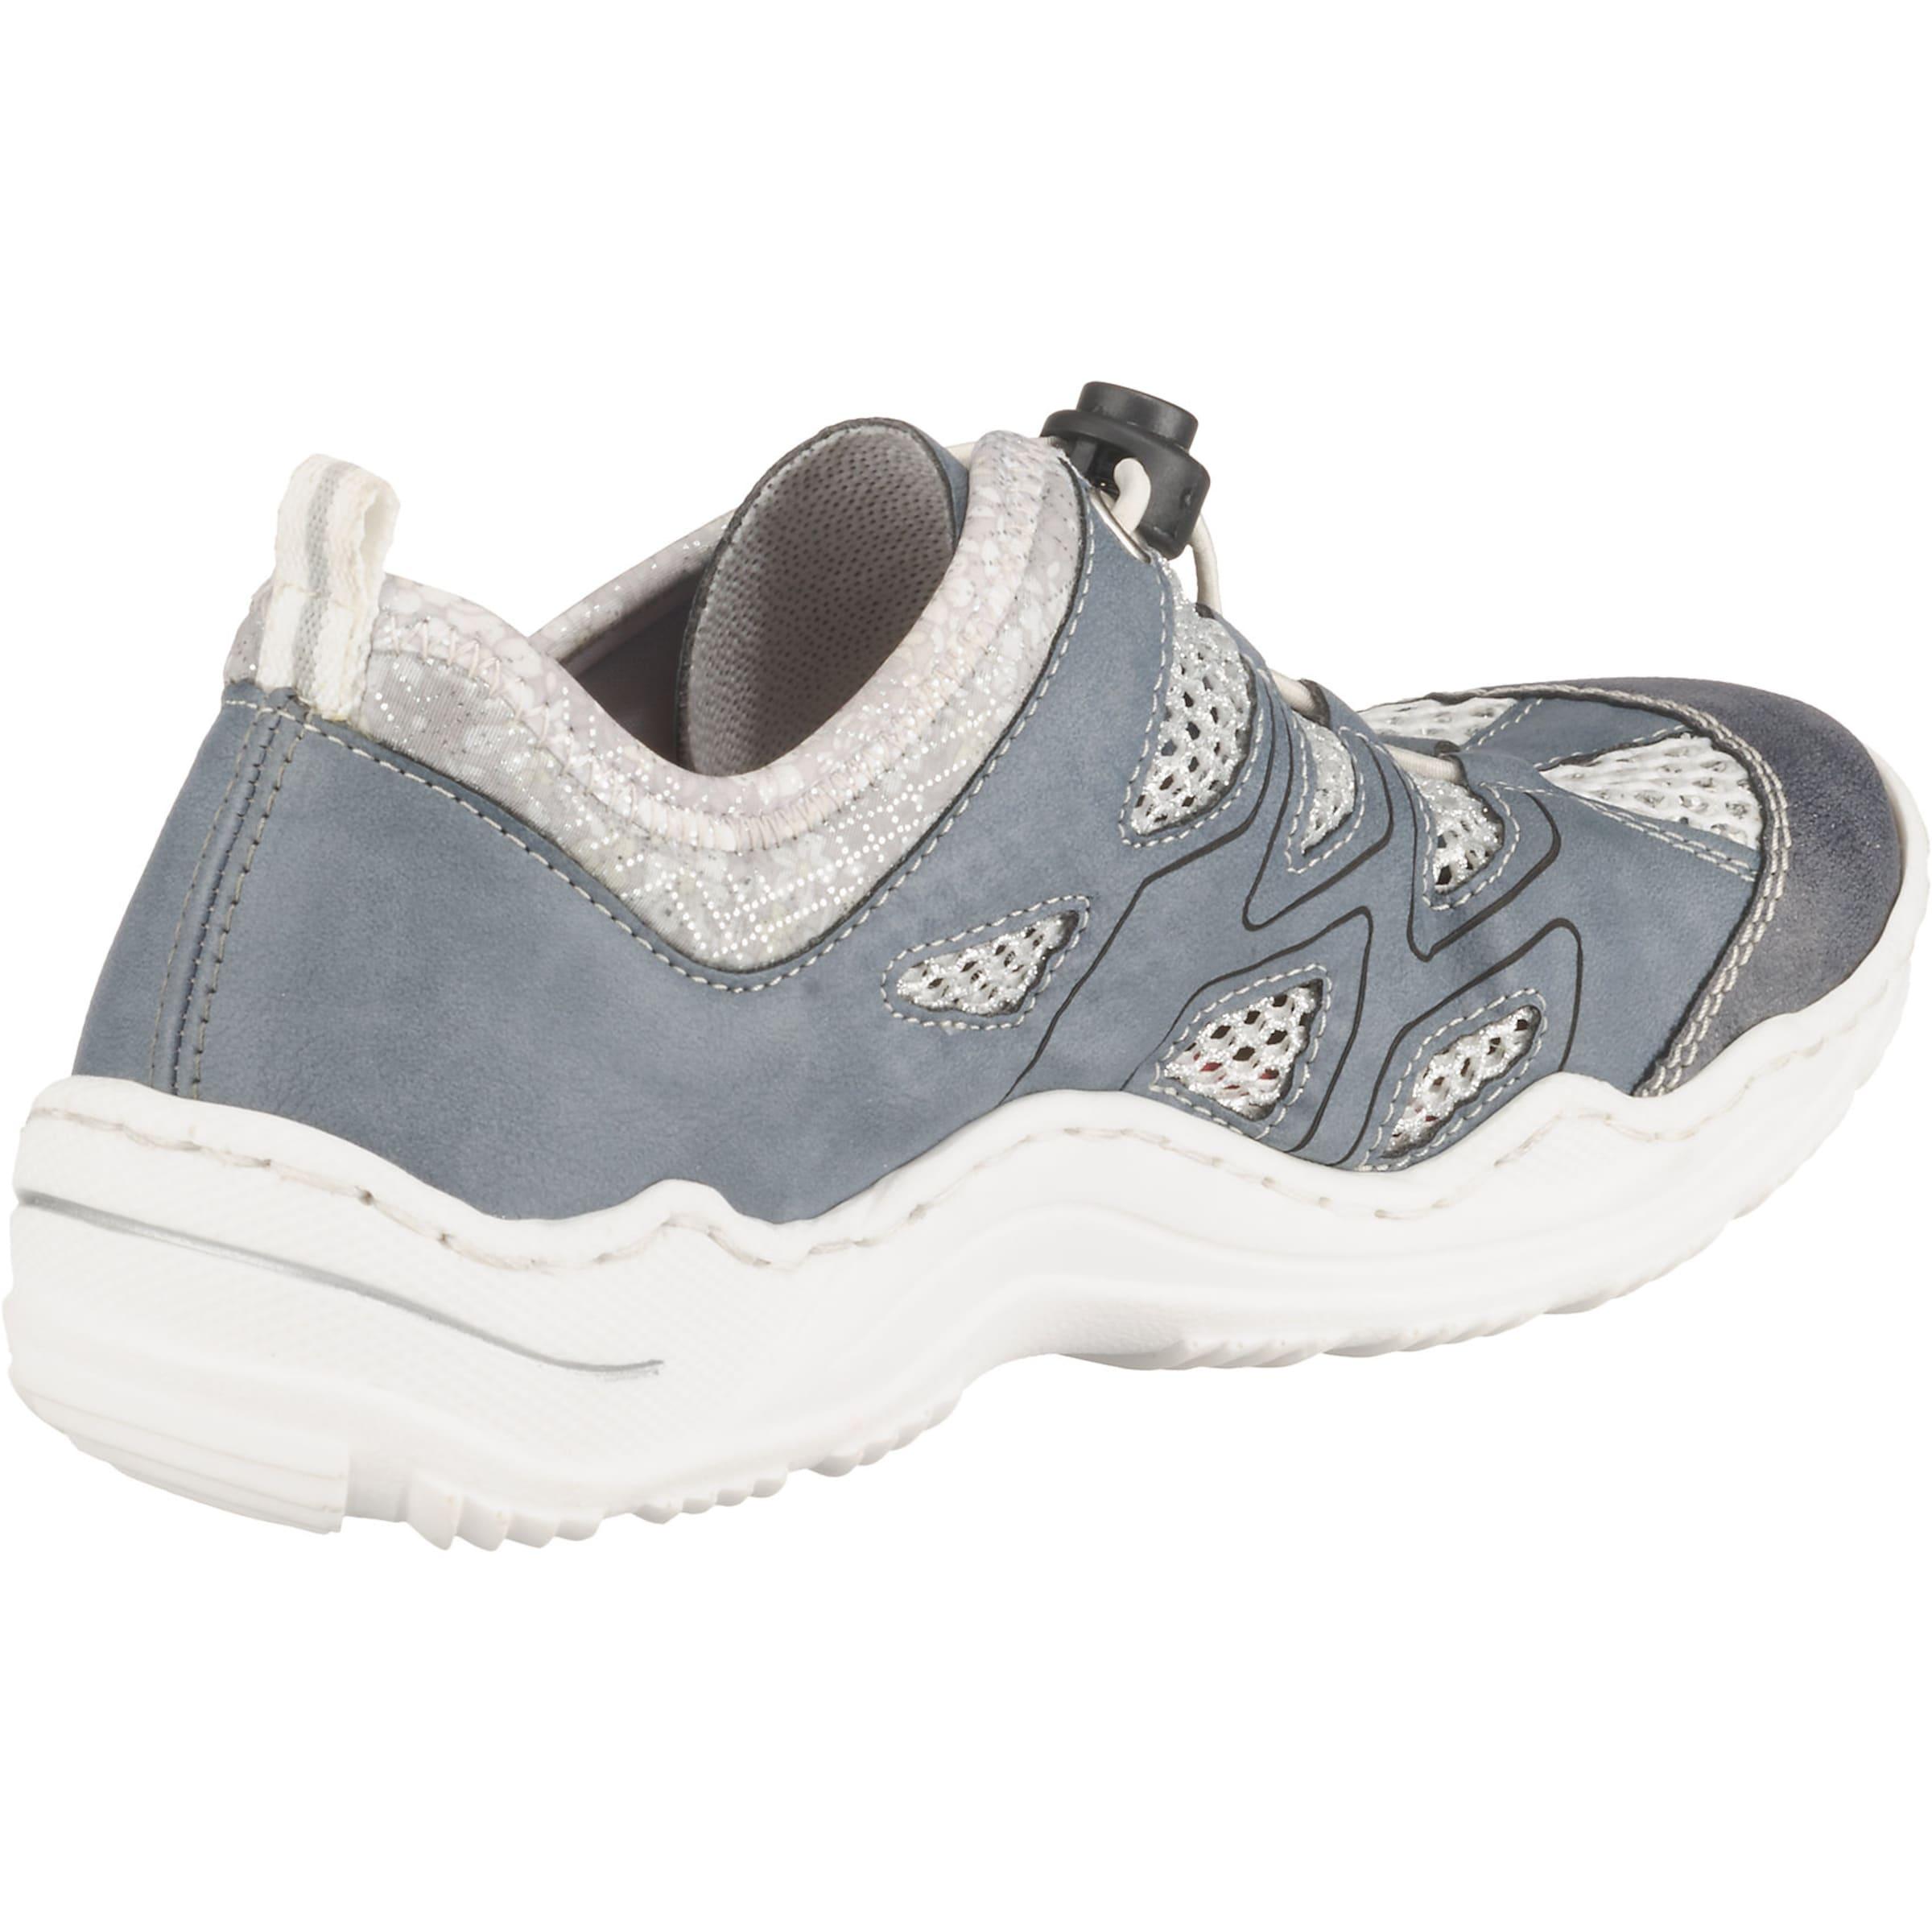 Weiß RauchblauSilber Sneaker Sneaker In Rieker Rieker stdQrhC